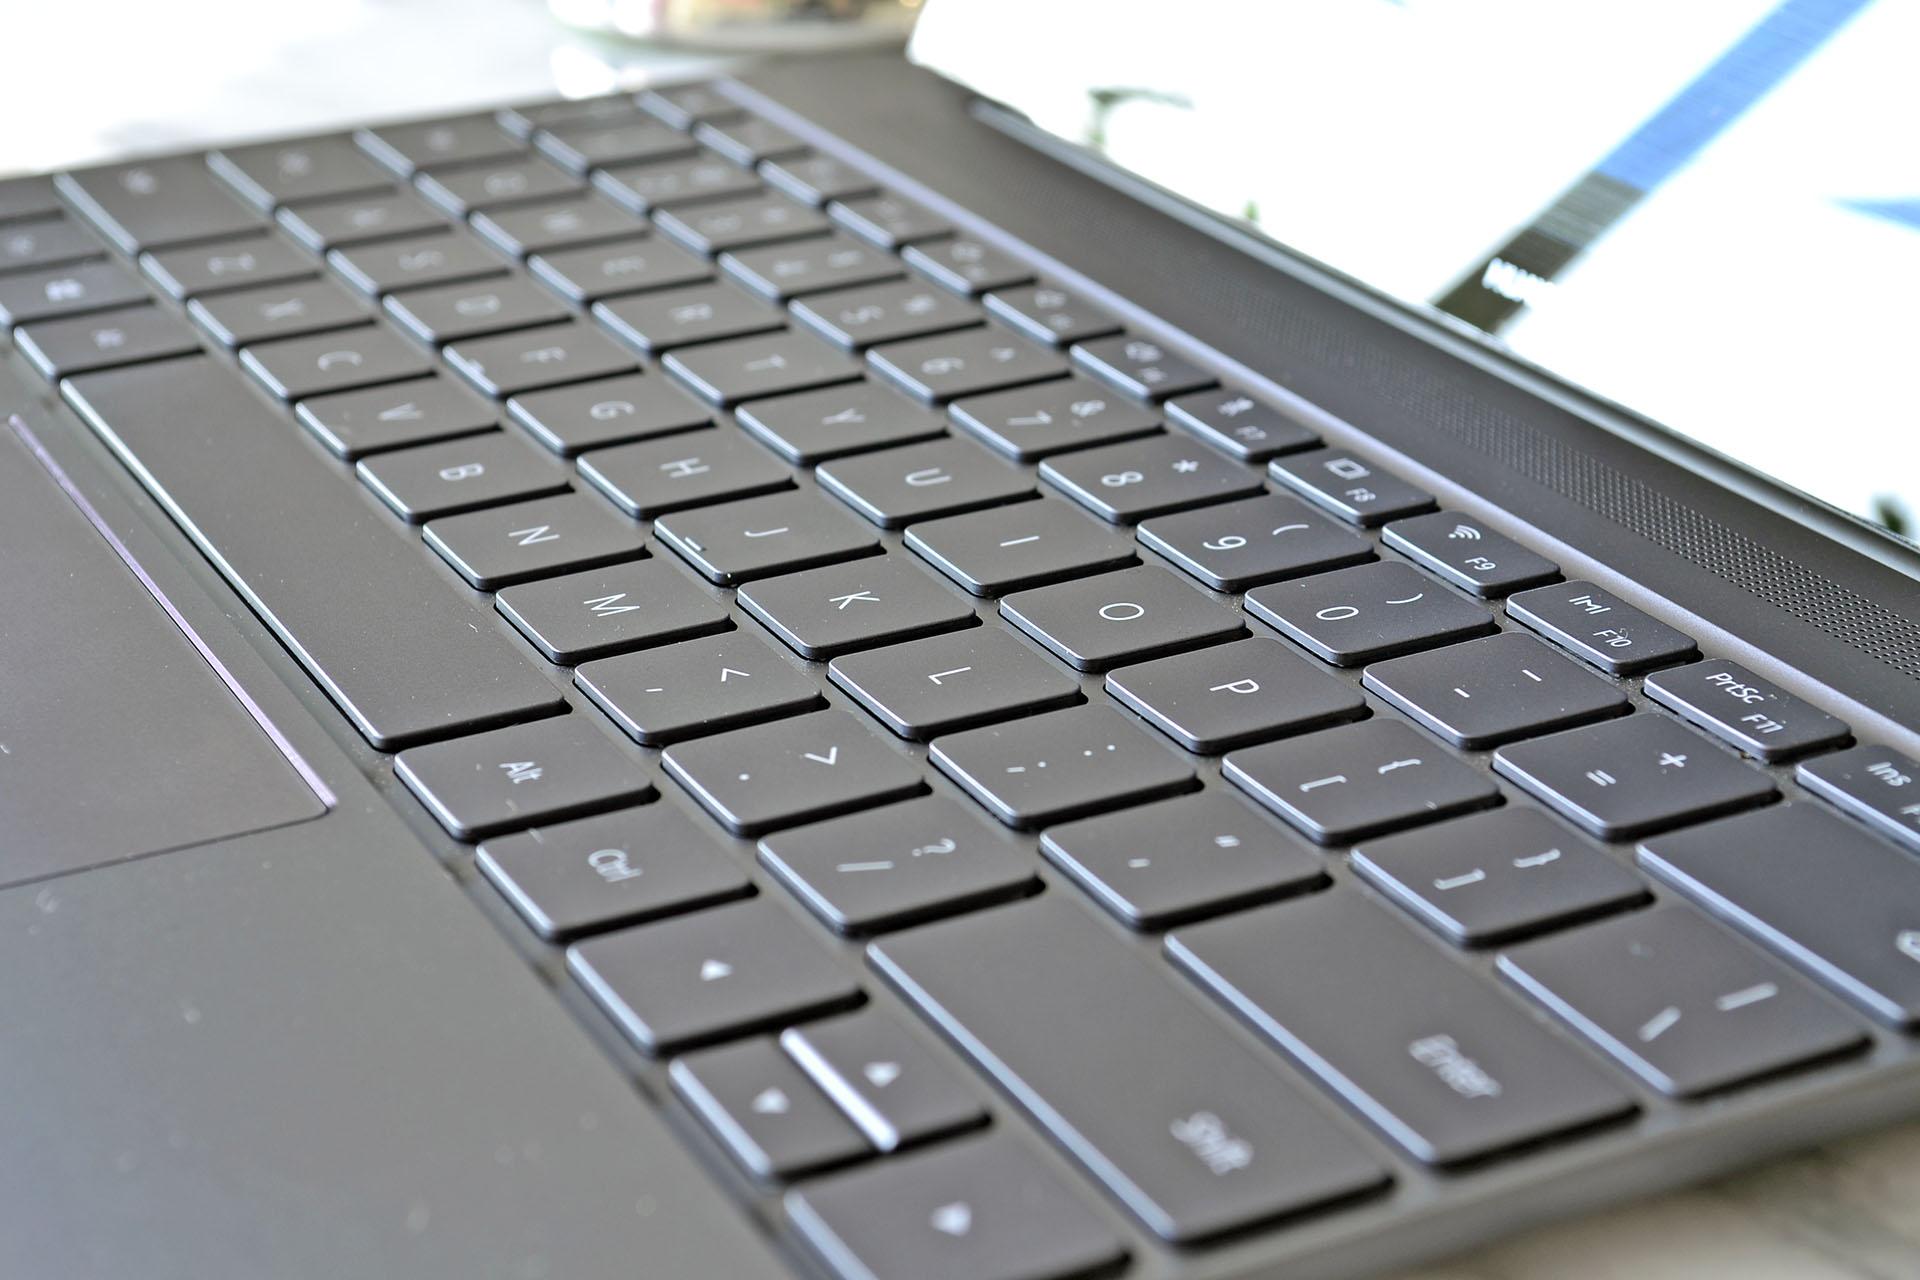 Ett annat stort plus i kanten för just Matebook X är att tangentbordet är  spillskyddat vilket är en extraförsäkring om olyckan skulle vara framme och  du ... 80517c782b35e